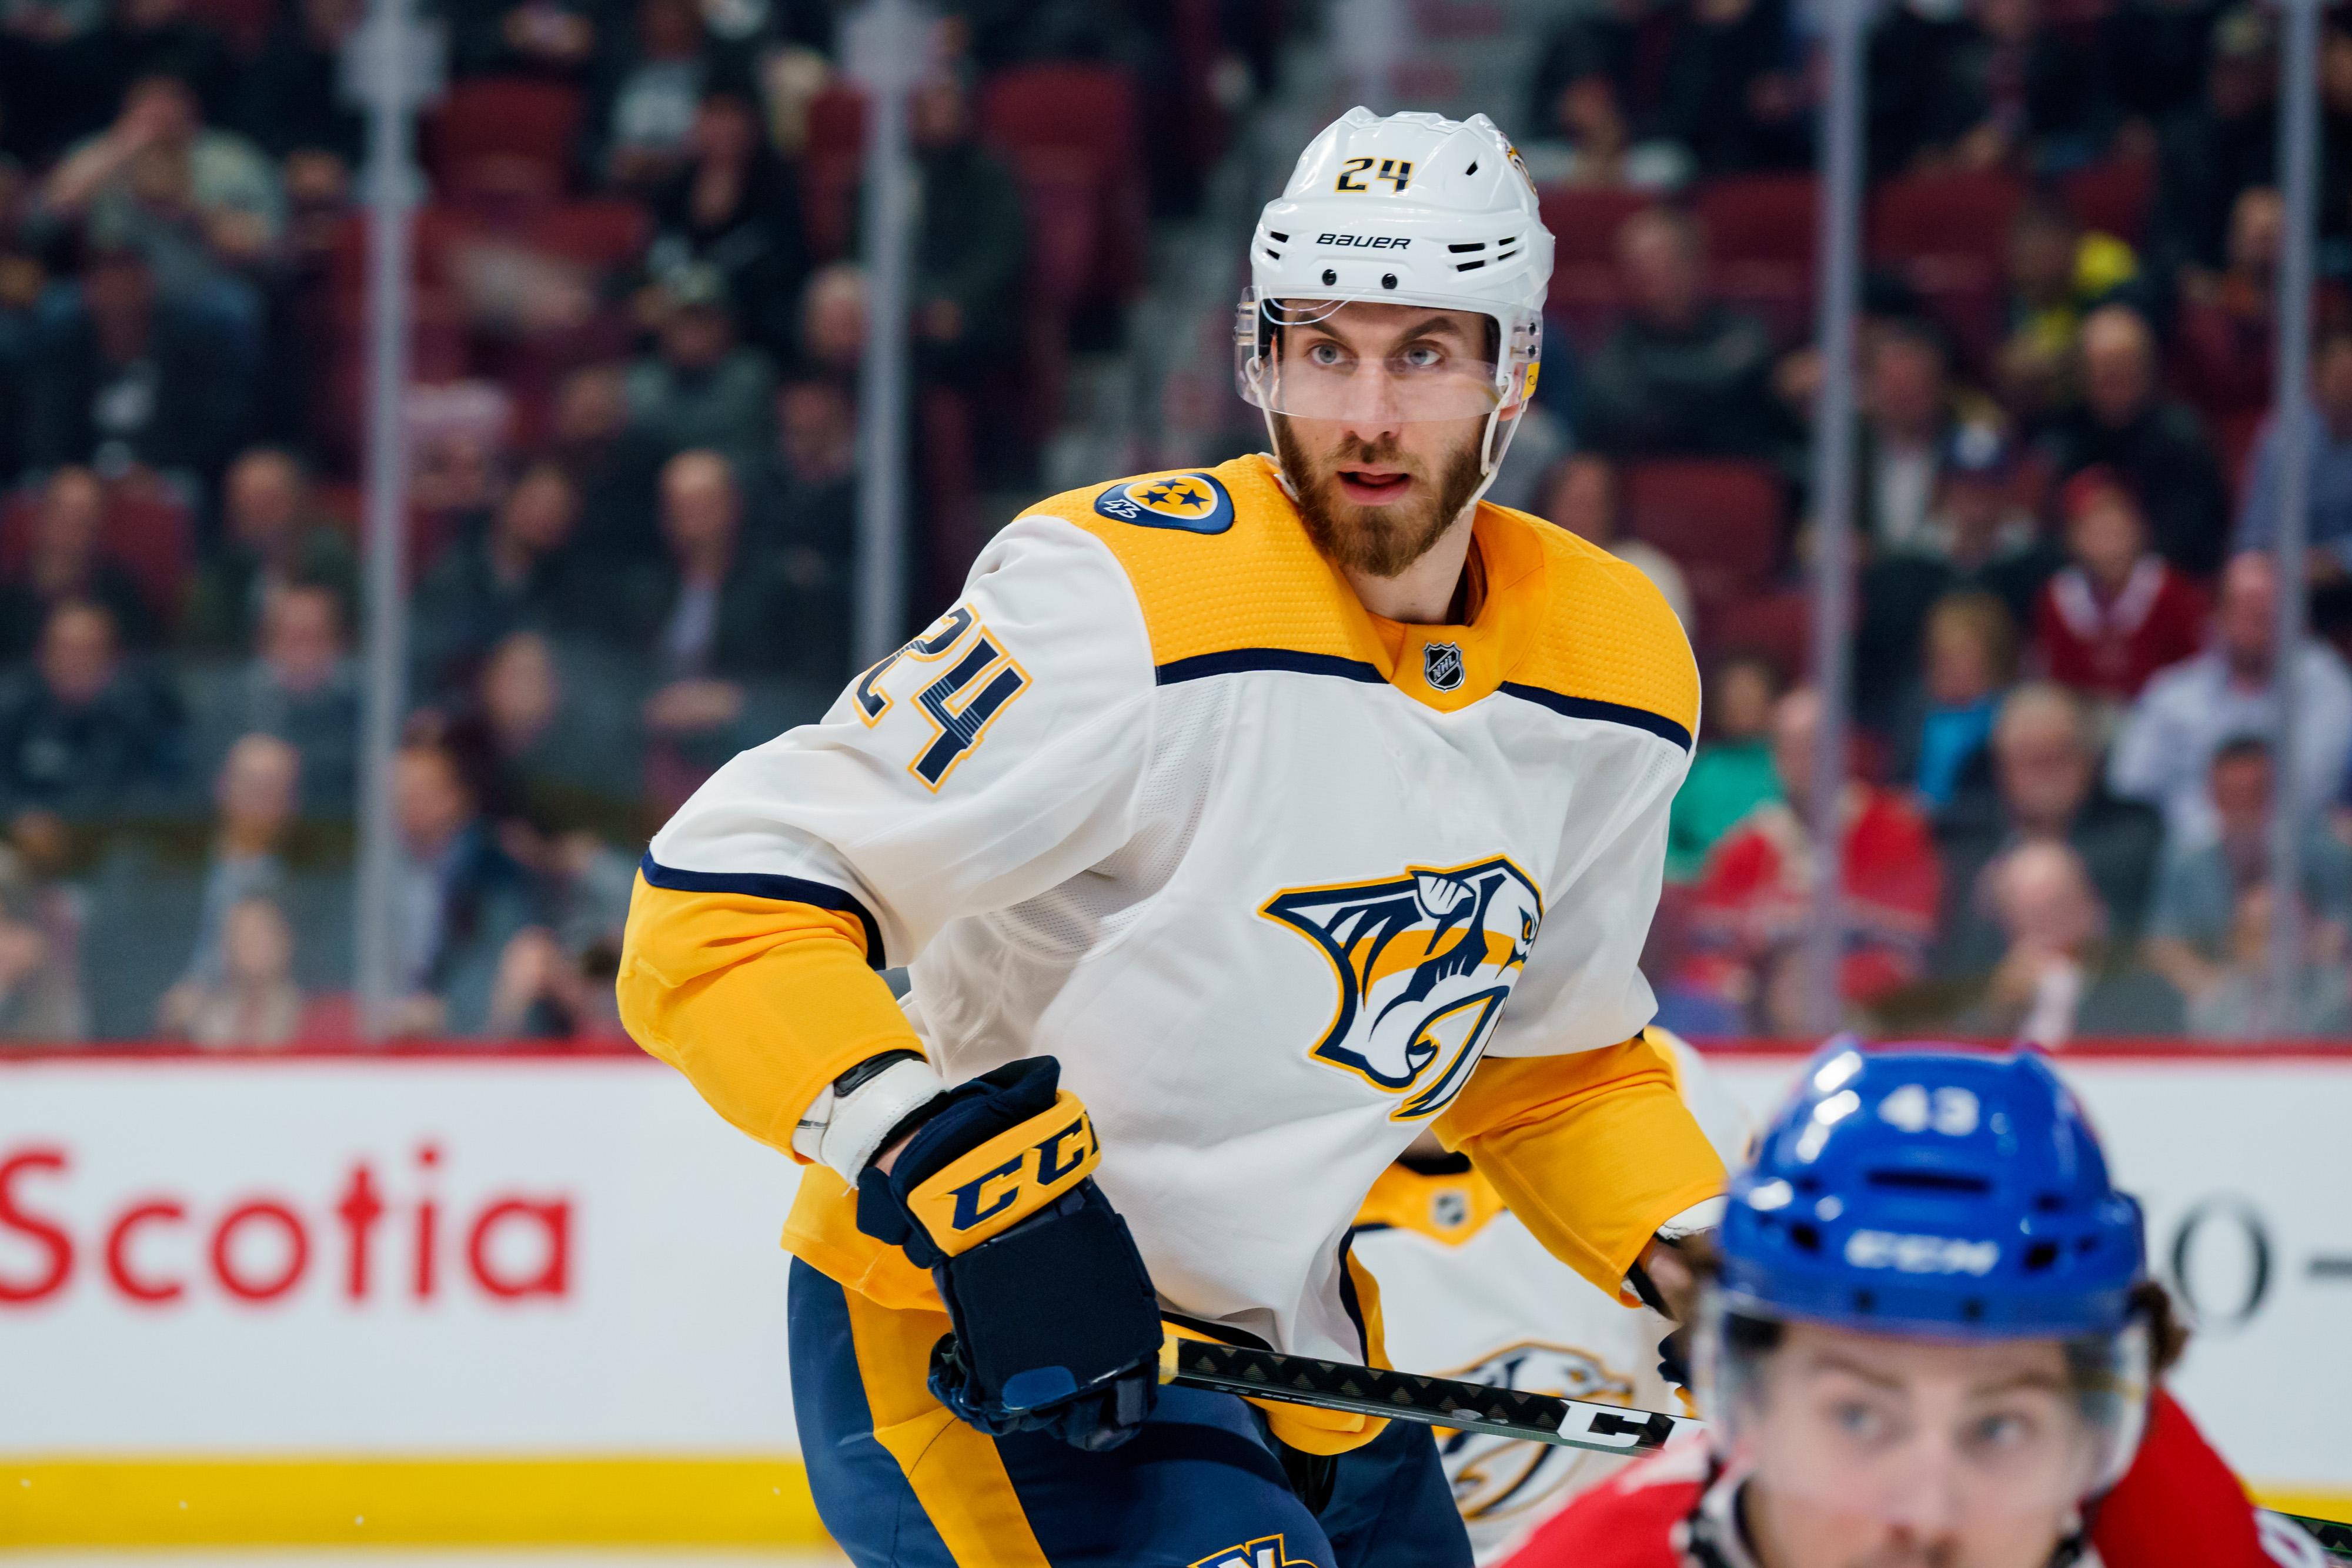 NHL: MAR 10 Predators at Canadiens